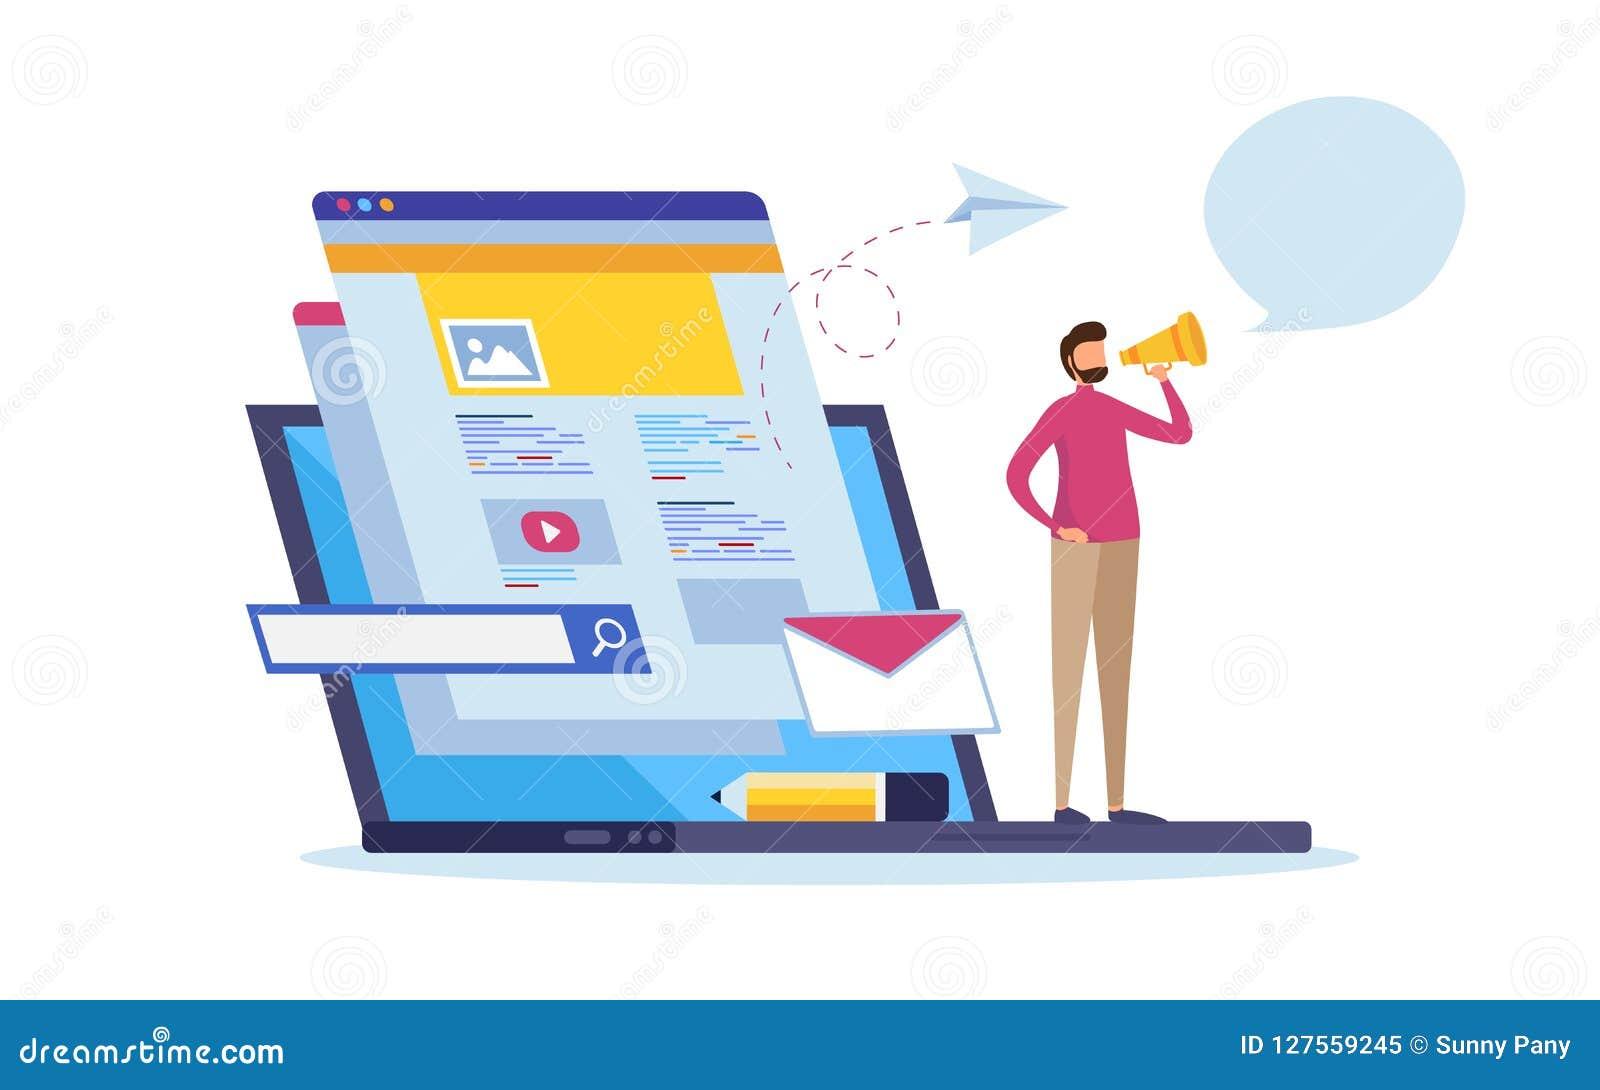 Online-nyheterna, information om webbsida, socialt massmedia Multimediakommunikation Uppdateringinnehåll